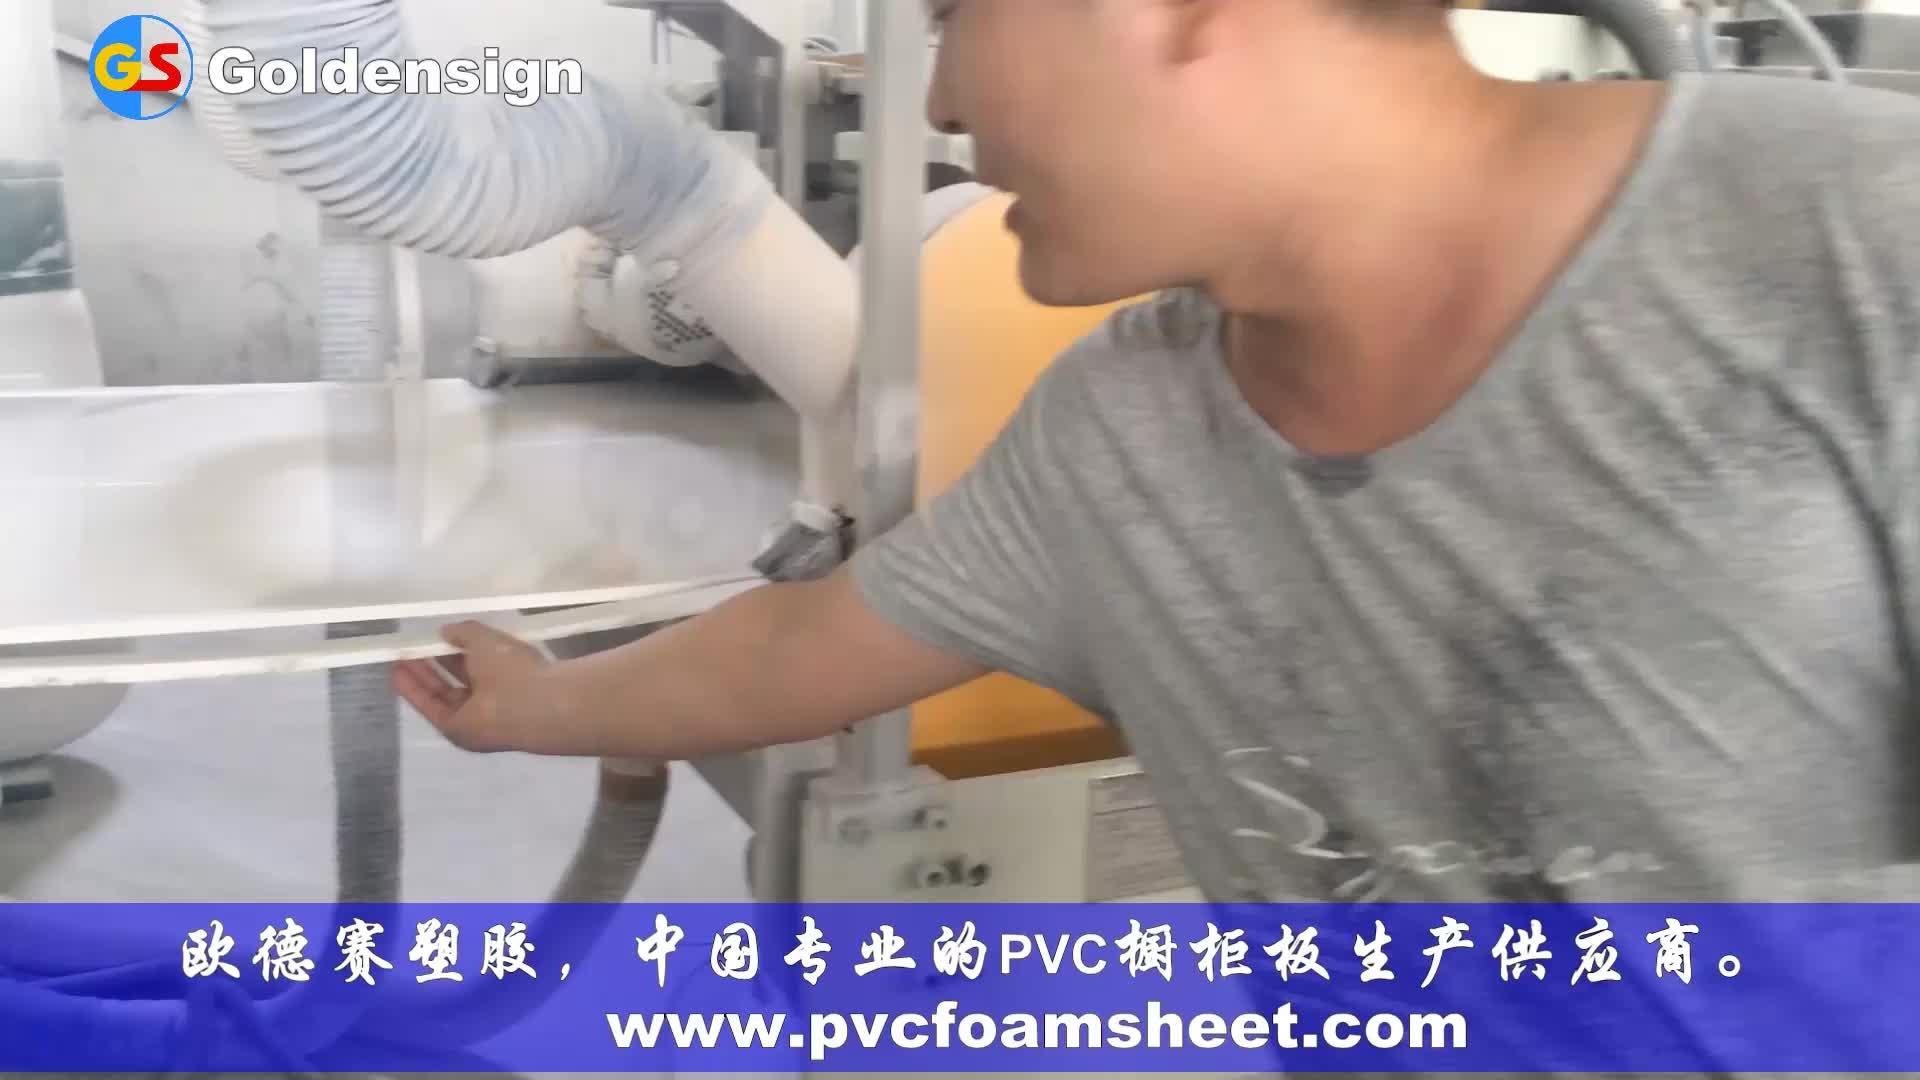 1-40 мм ПВХ пена доска/пластик лист/водонепроницаемый листовой пенопласт производитель